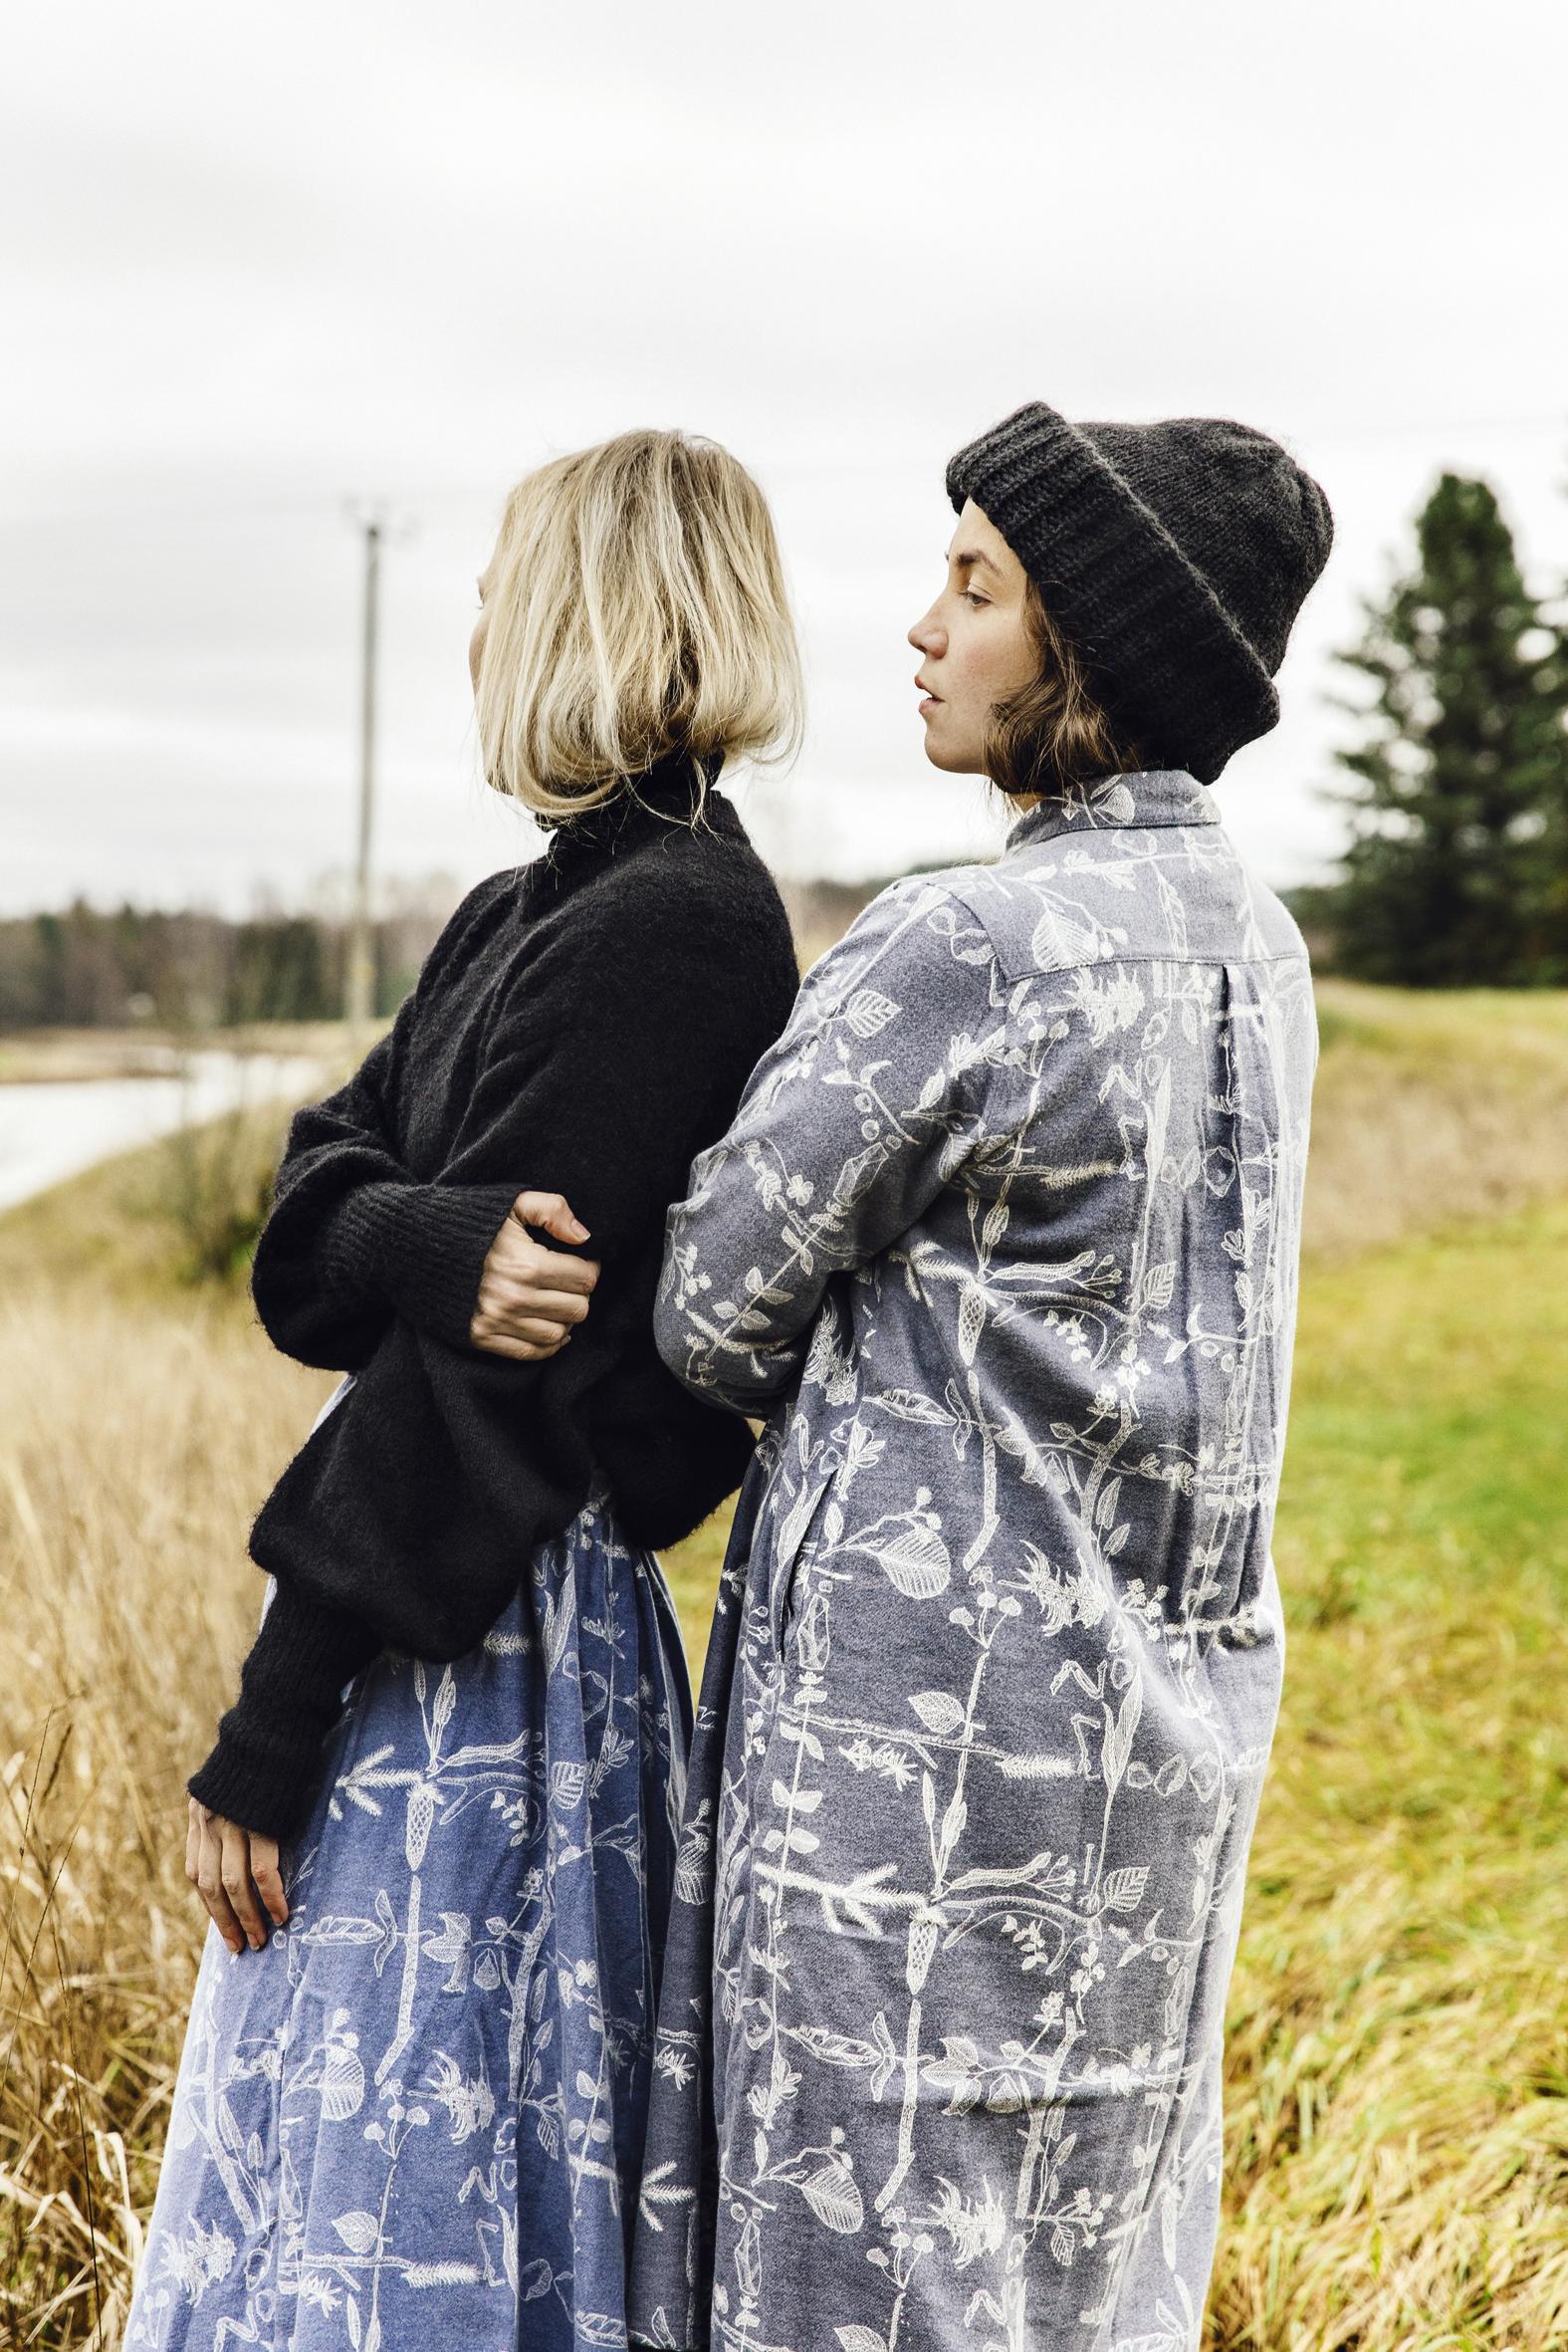 SO_1117_kuva4 by Suvi Kesäläinen.jpg